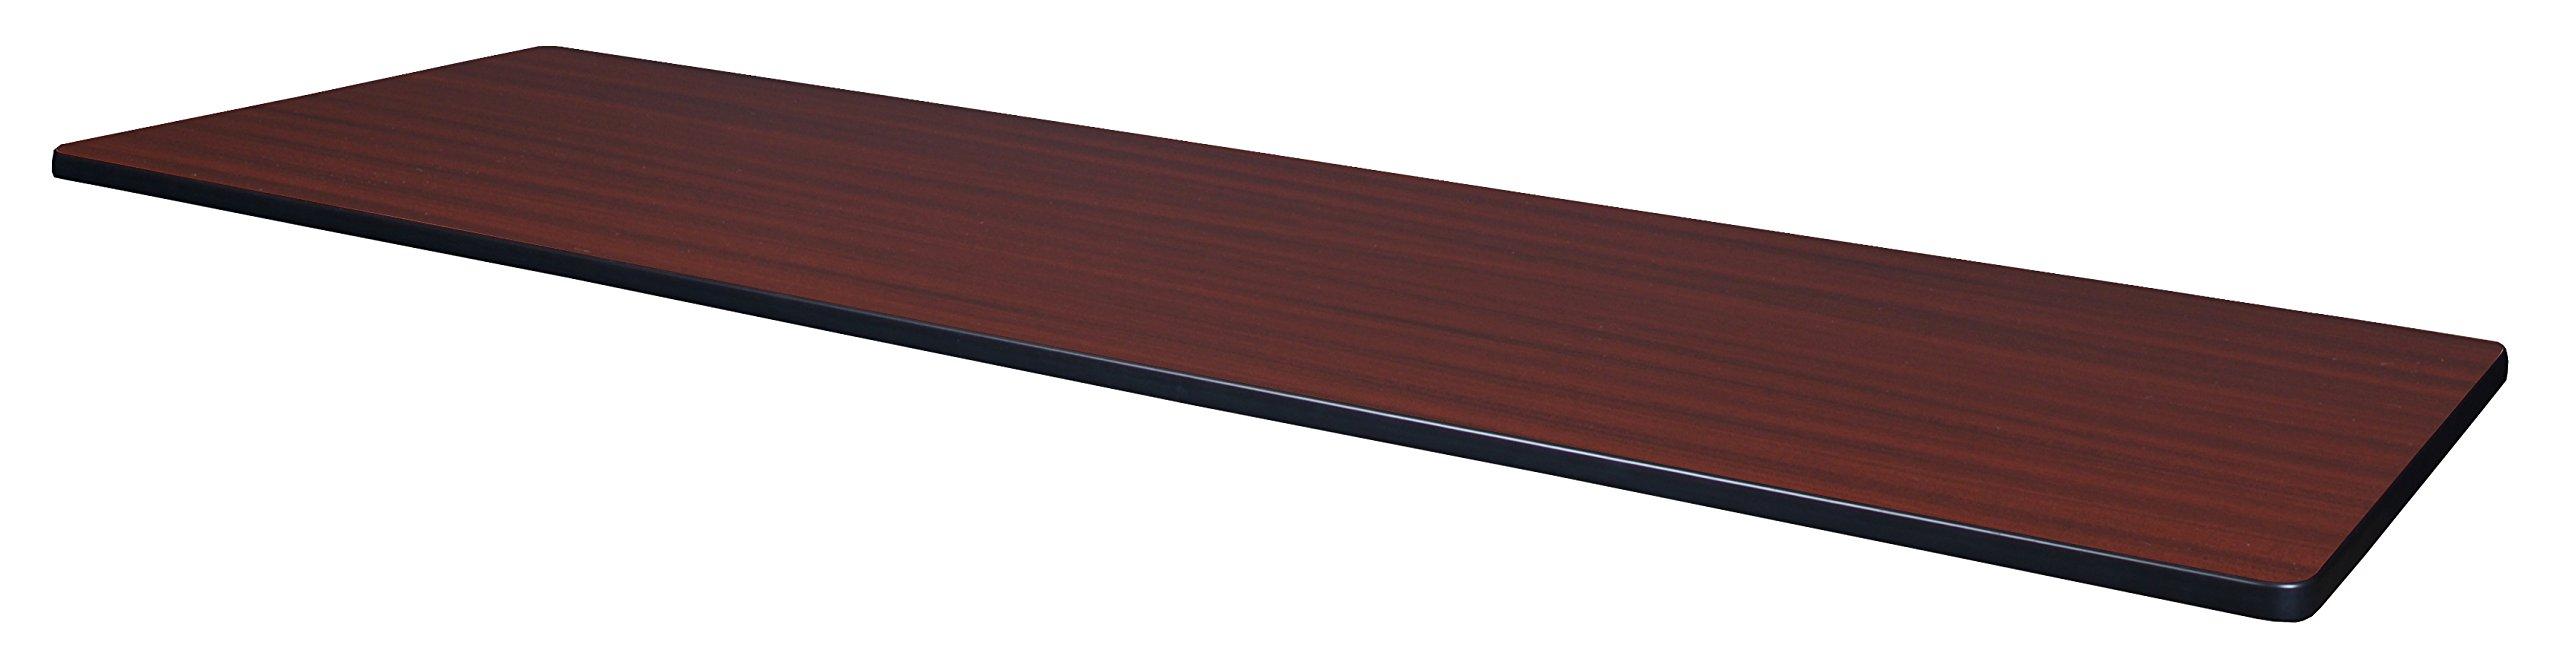 Regency 84'' x 24'' Rectangle Laminate Table Top- Mahogany/ Mocha Walnut by Regency (Image #1)